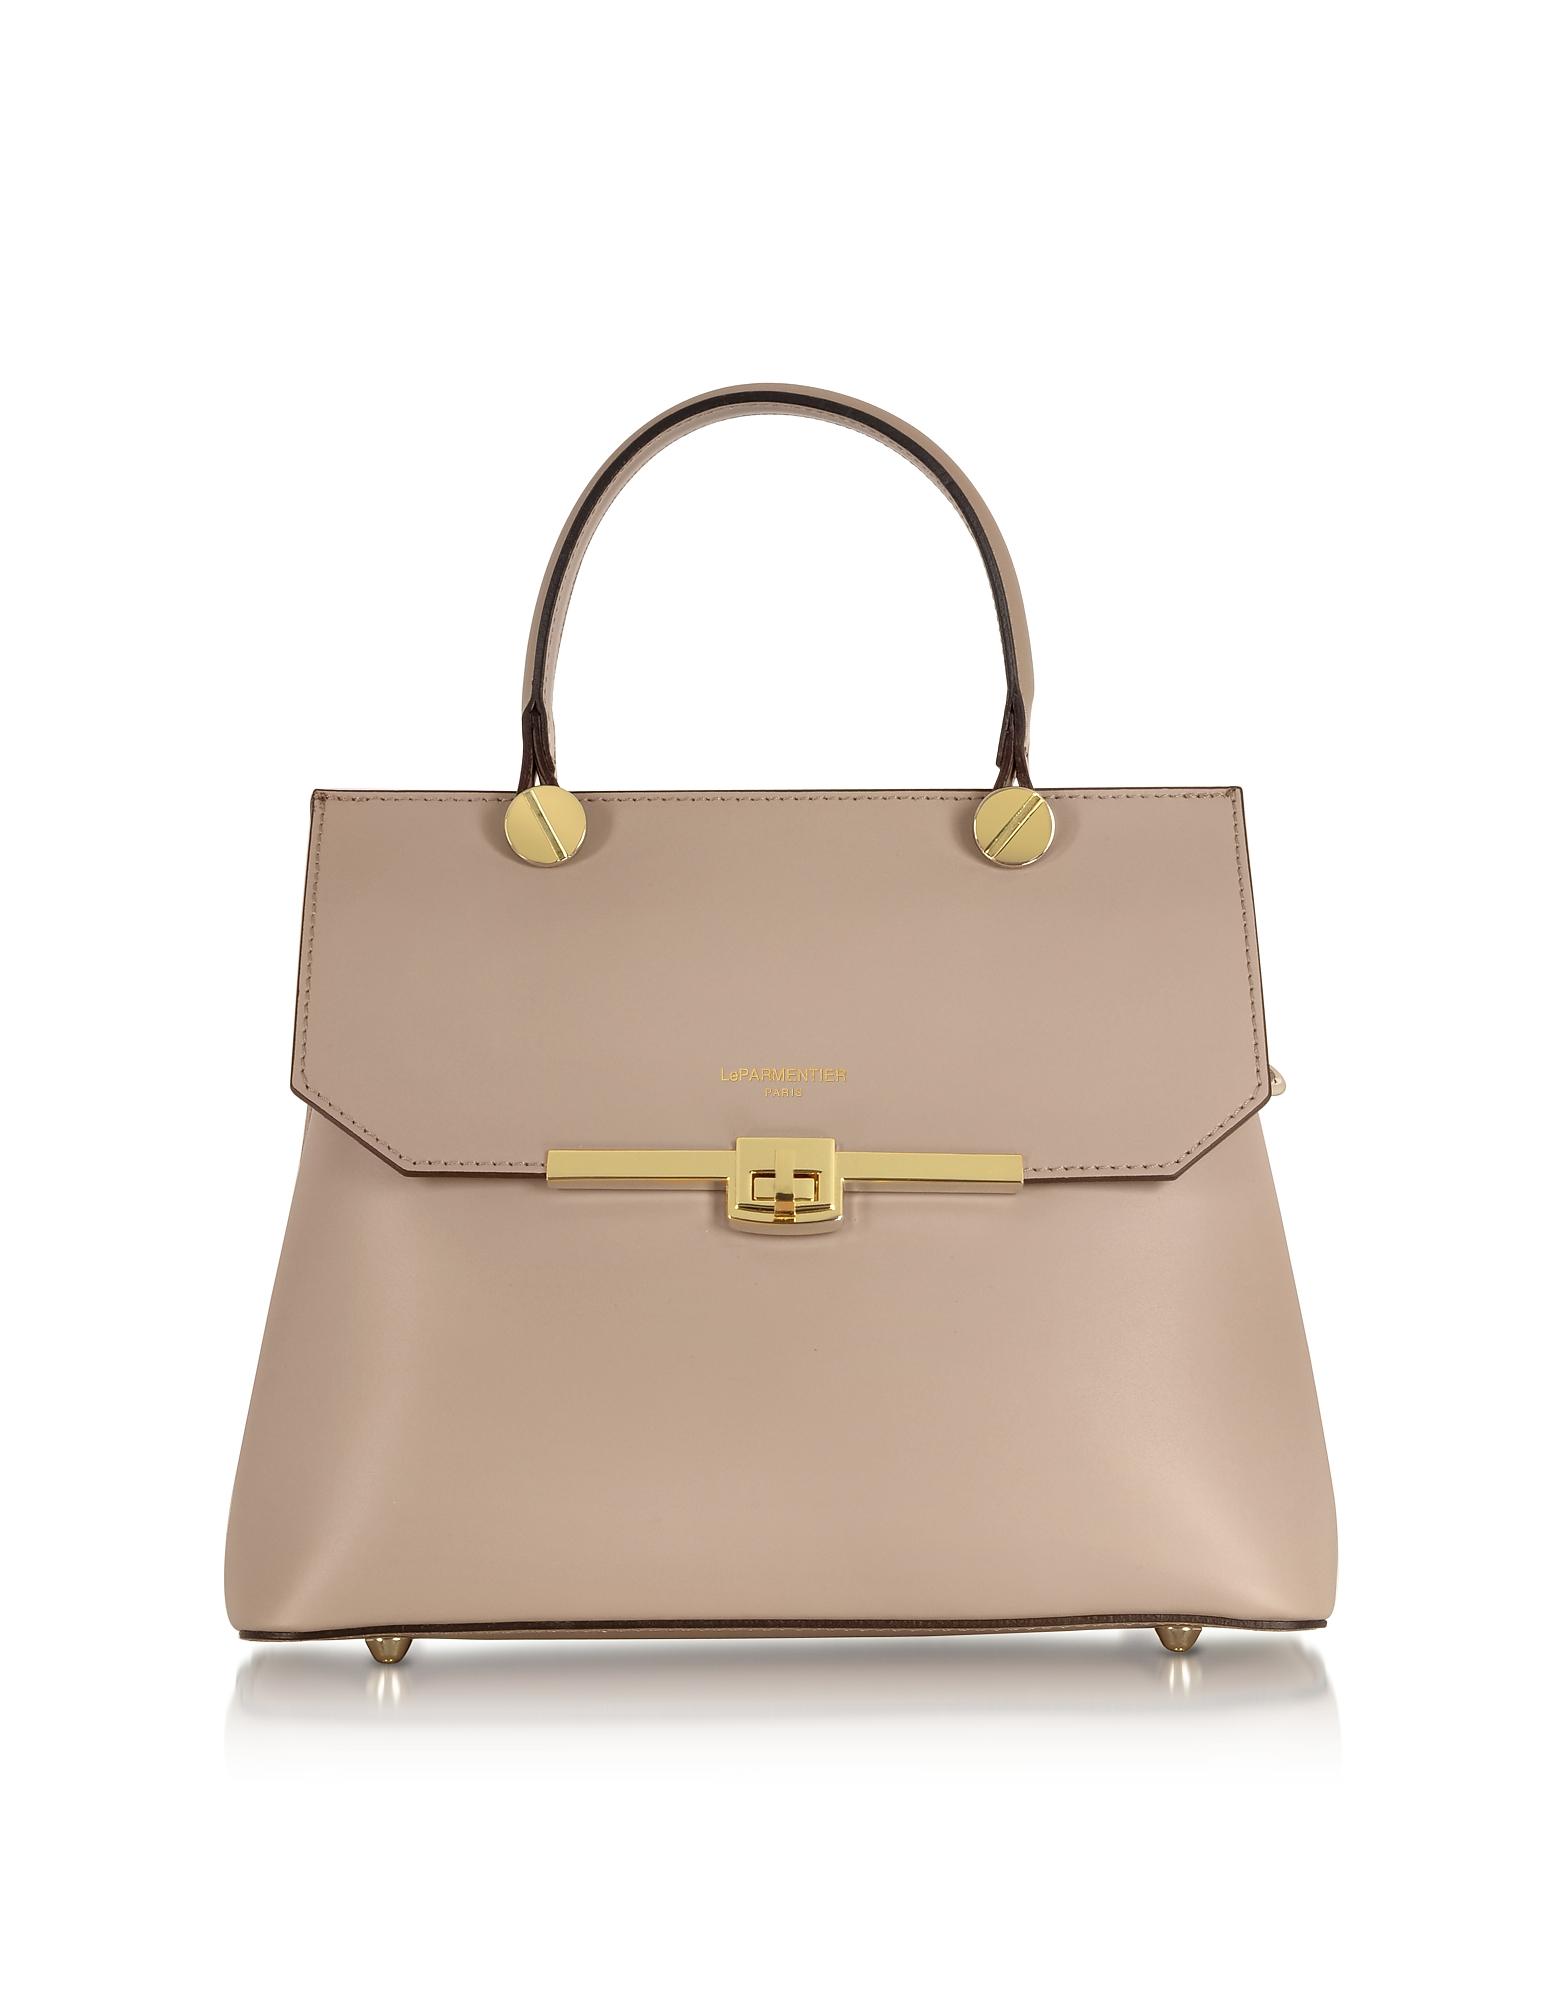 Le Parmentier Designer Handbags, Atlanta Genuine Leather Top Handle Satchel Bag W/Shoulder Strap